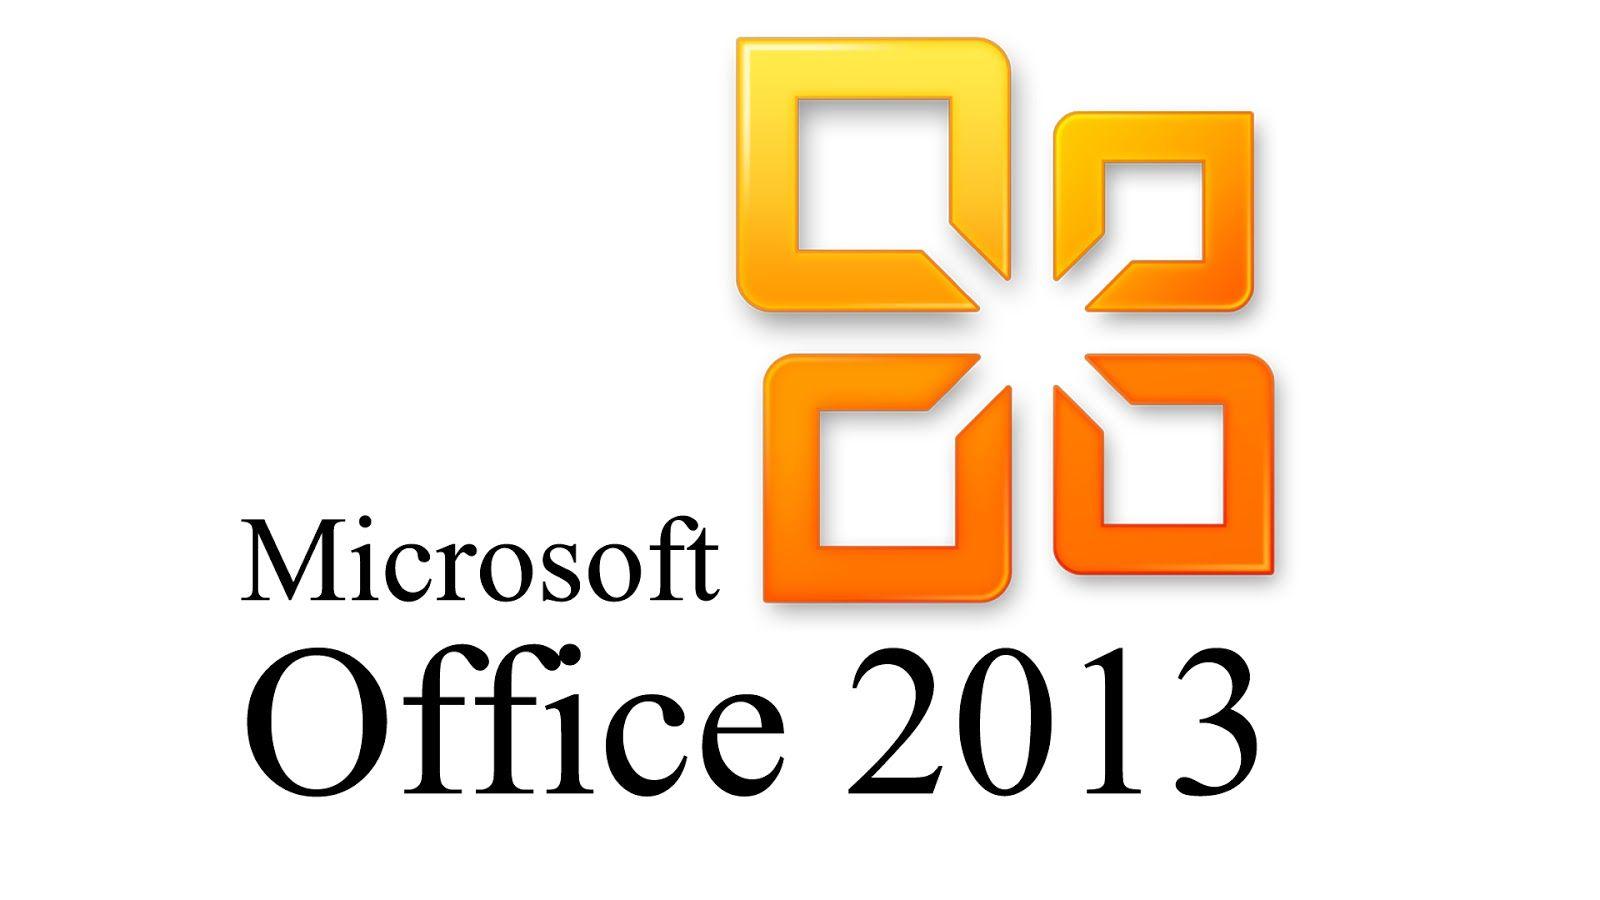 تحميل برنامج microsoft excel 2013 مجانا